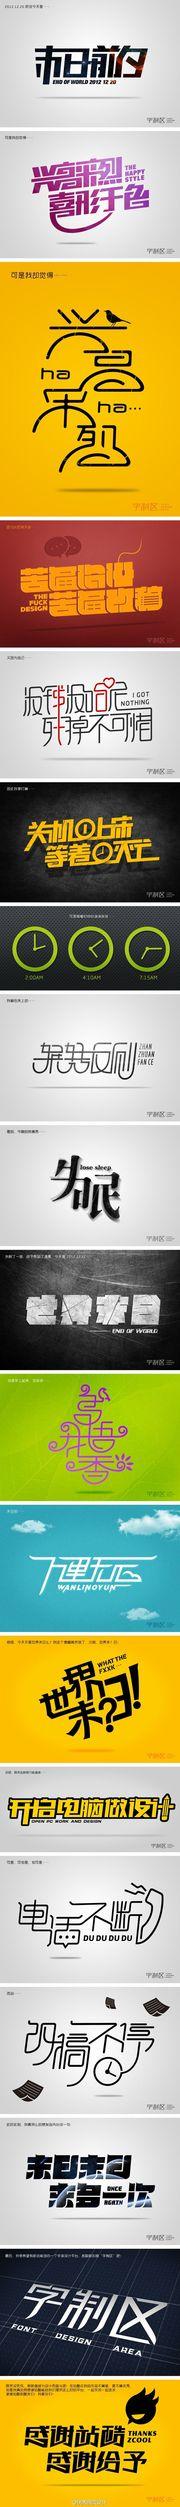 中文字体欣赏